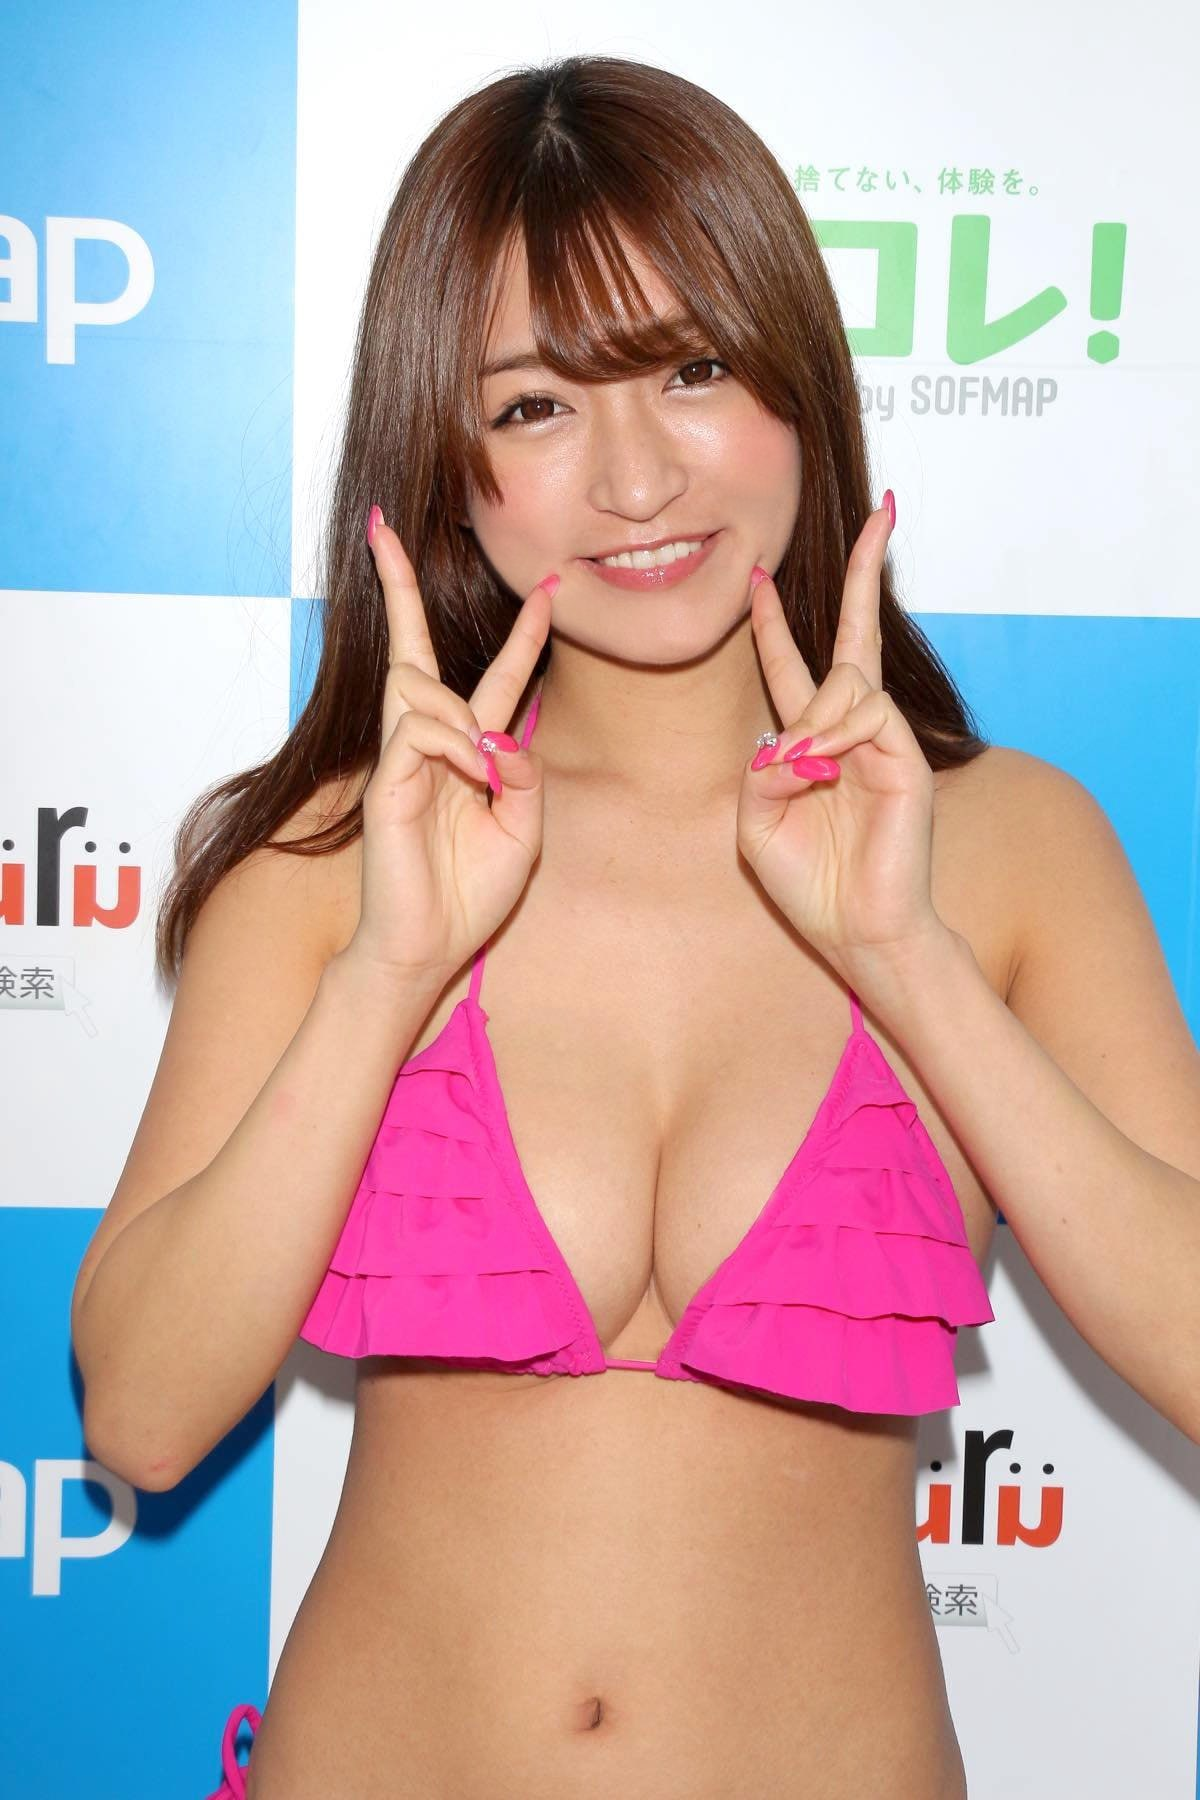 ☆HOSHINO「シャツがどんどん透けちゃう」エプロンはほぼ裸!【写真35枚】の画像015